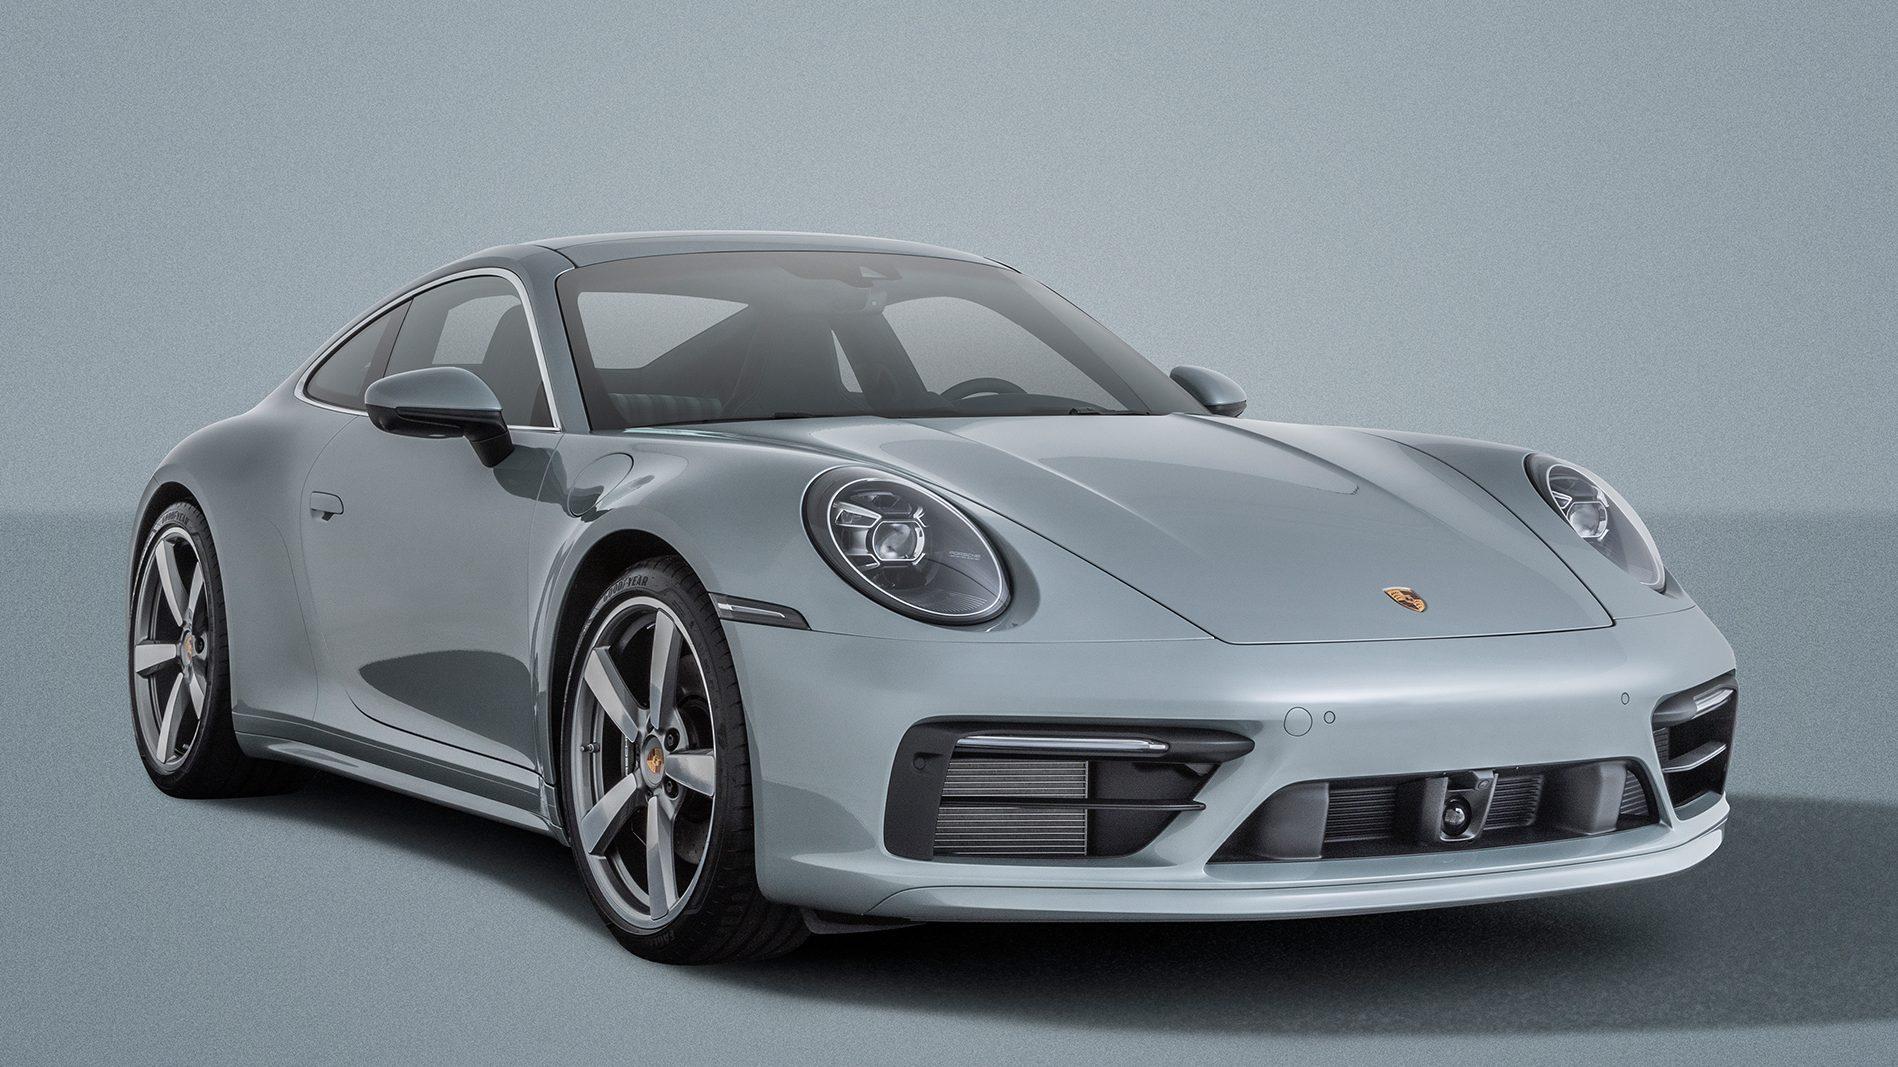 Porsche Carrera 911 4S Ben Pon jr rechtsvoor